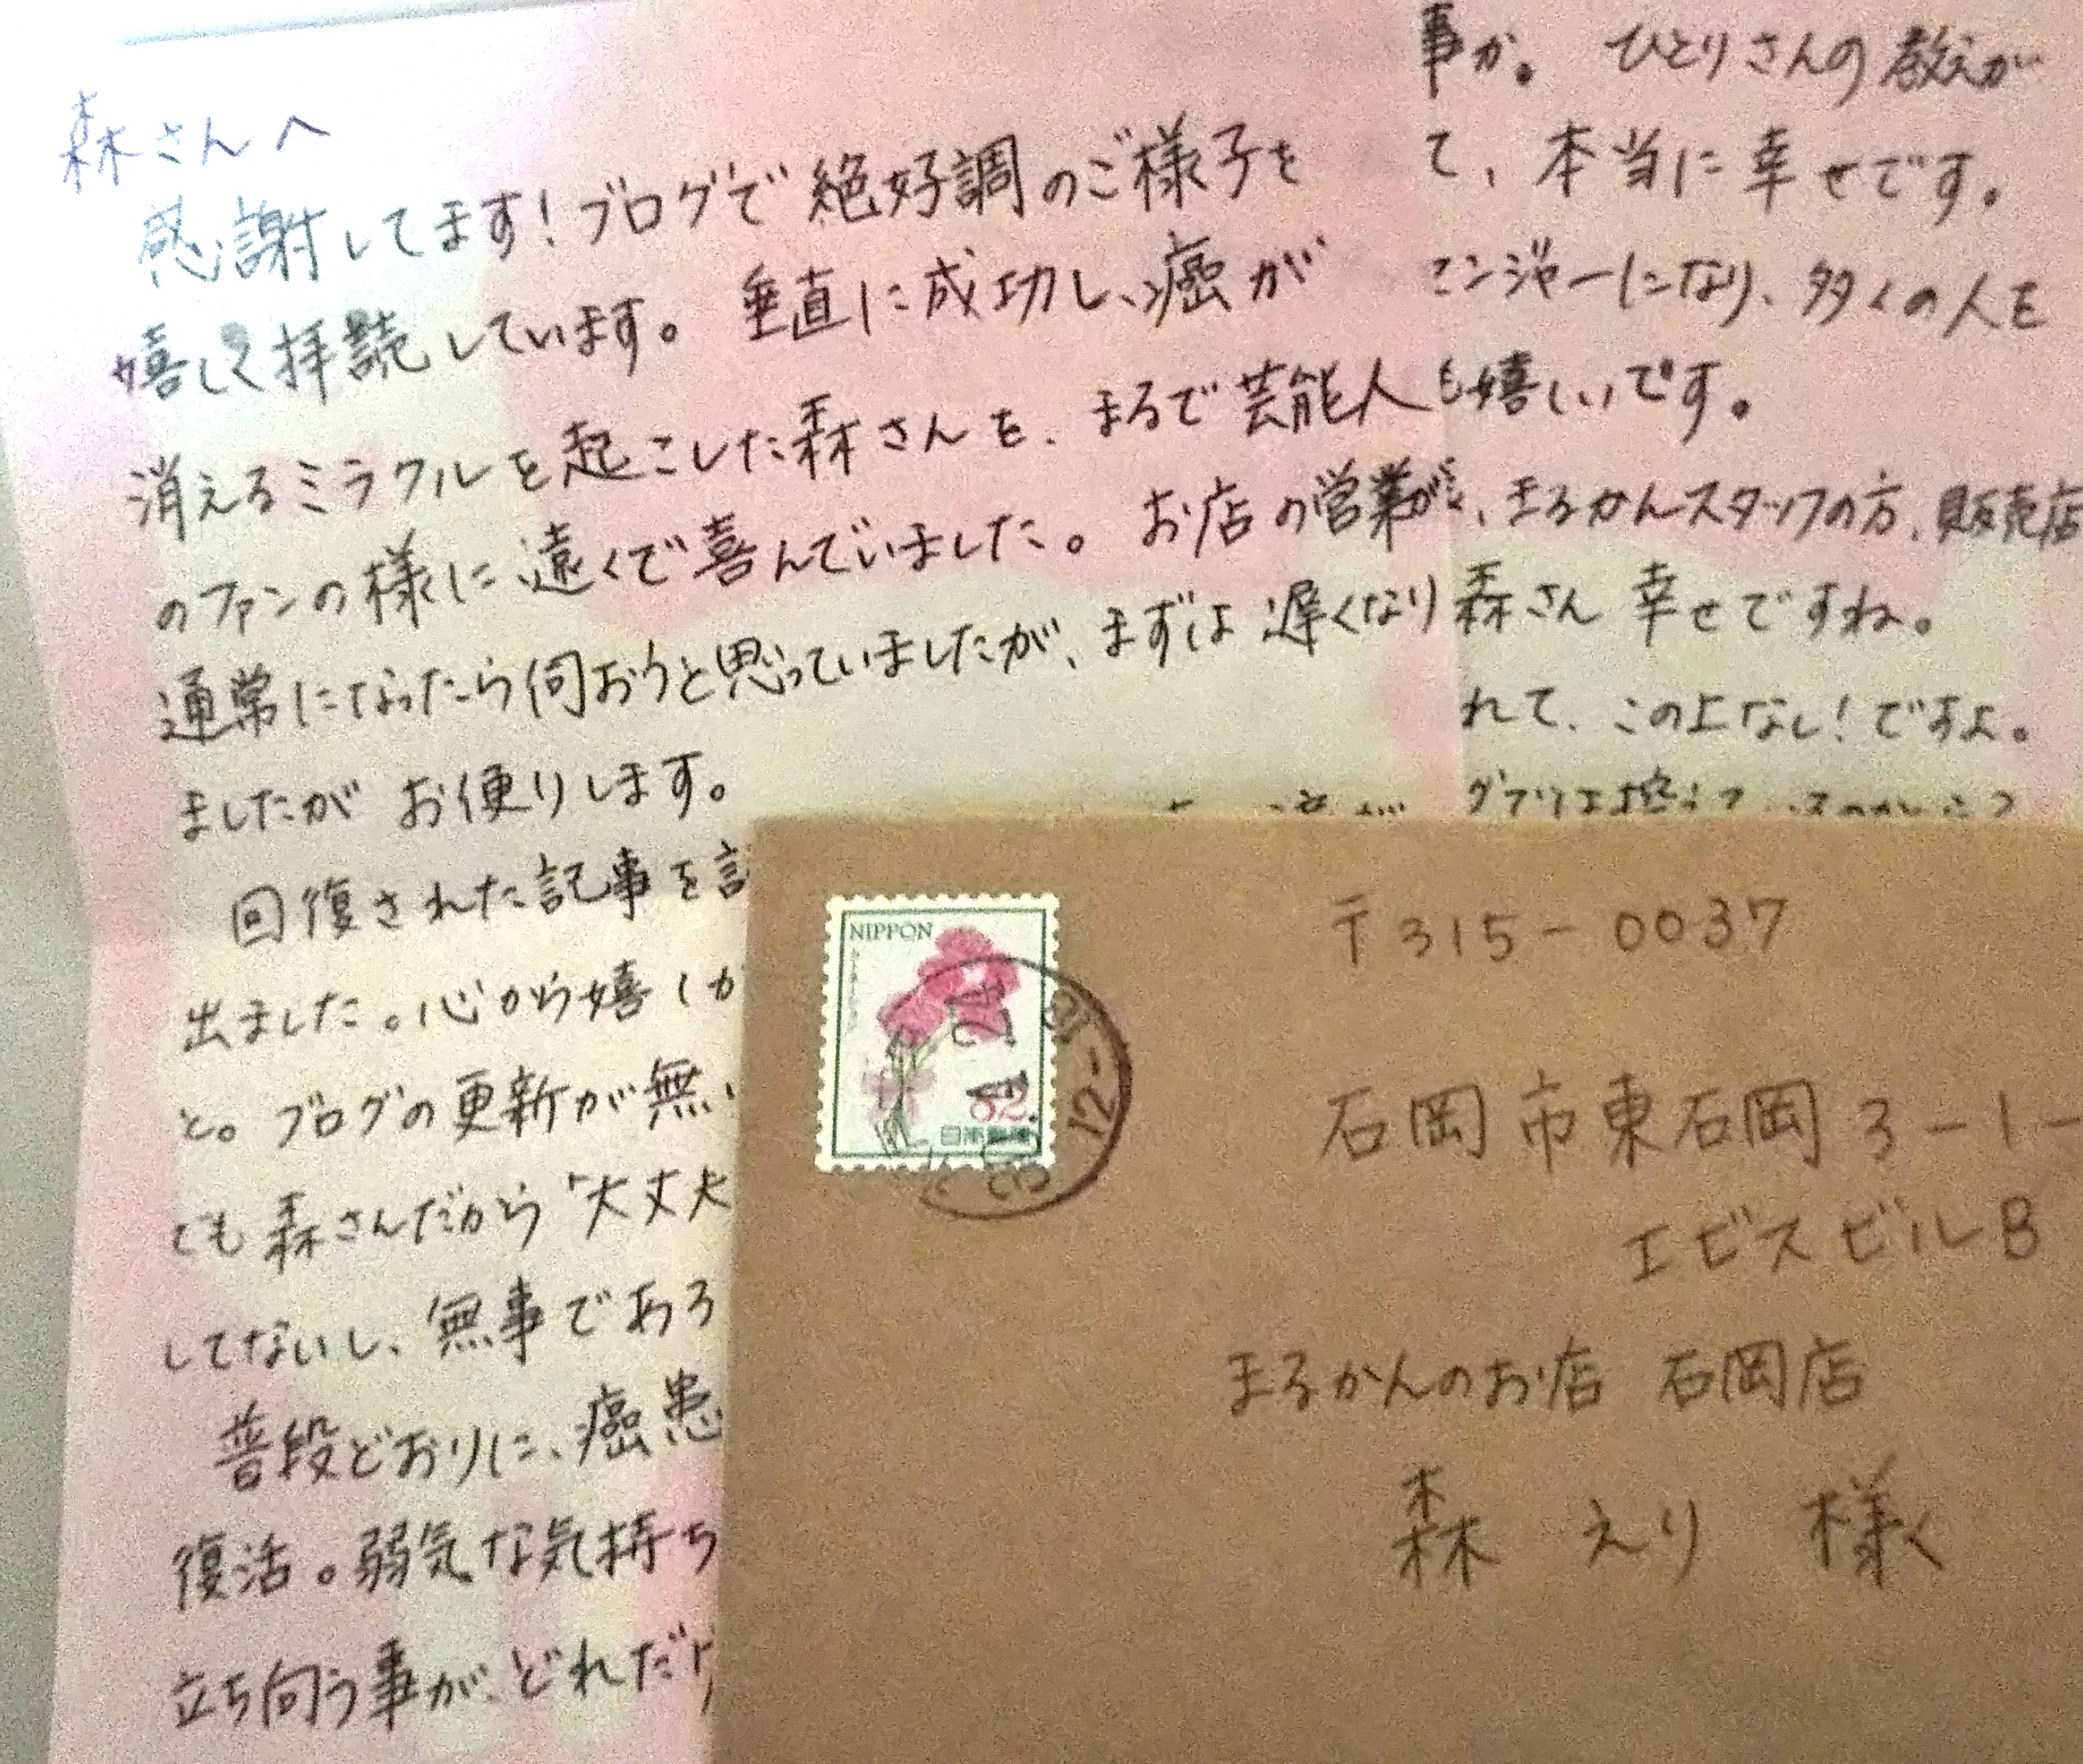 斎藤 工 ファン レター 返事